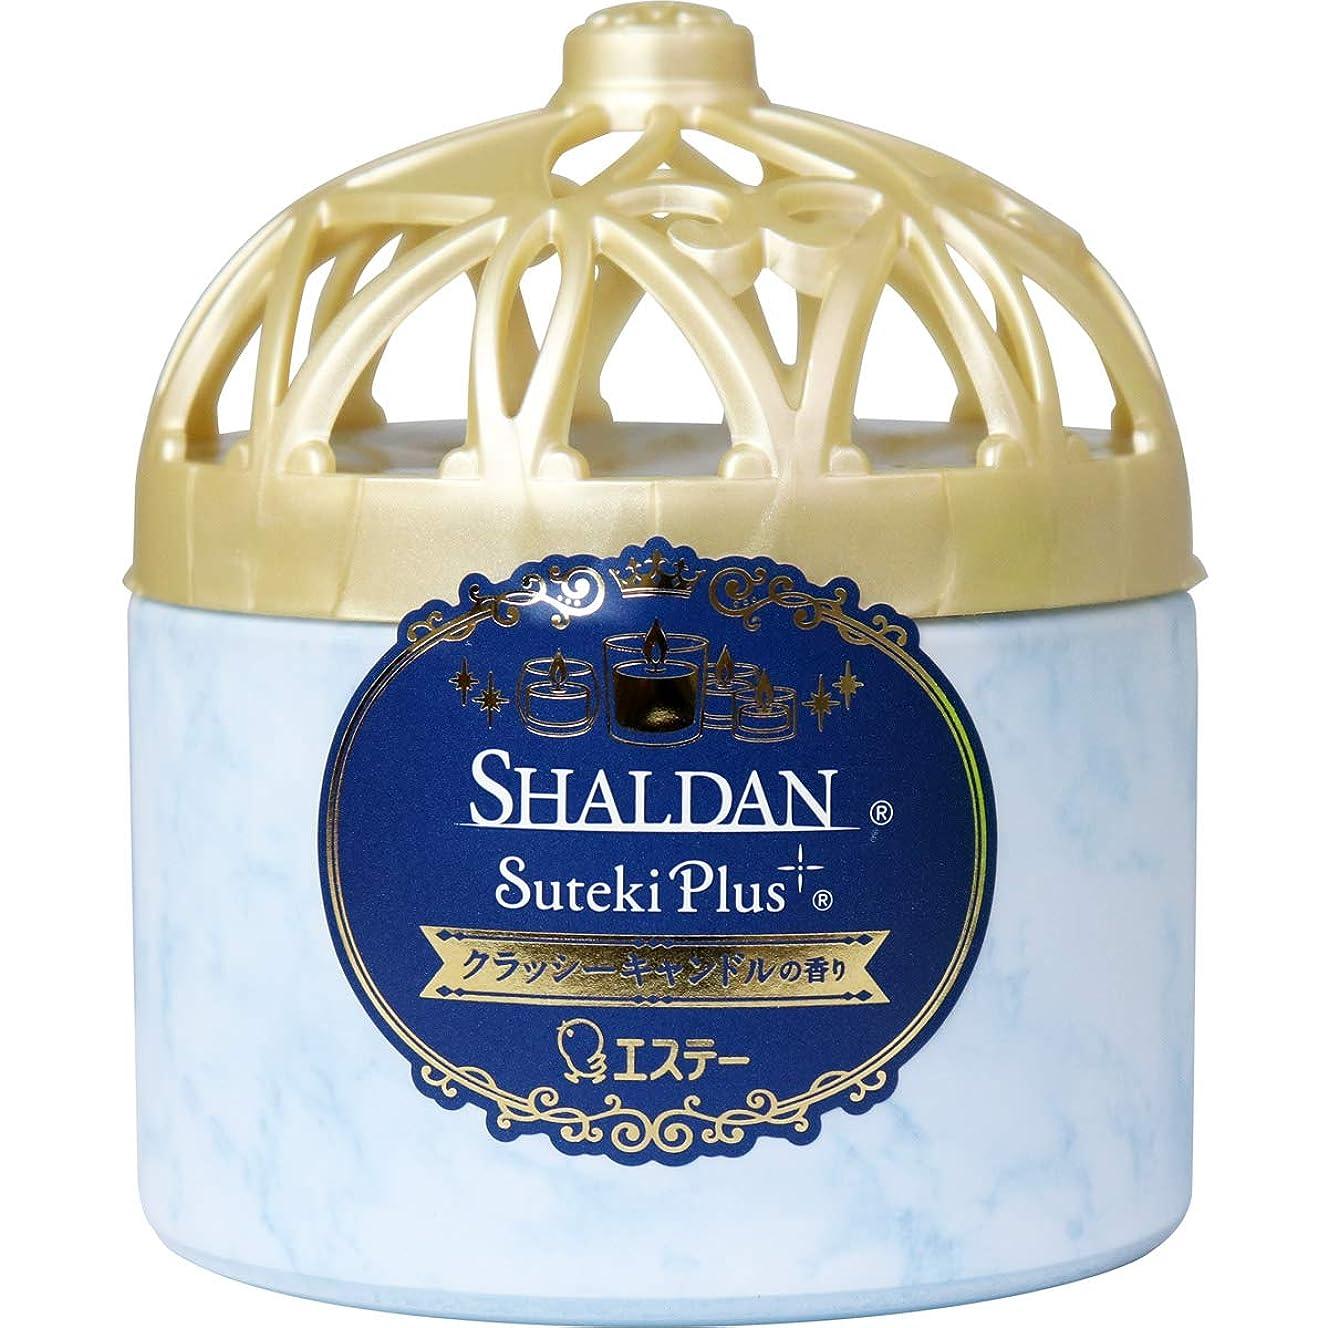 オーラル絶縁する主観的シャルダン ステキプラス クラッシーキャンドルの香り 260g×10個セット